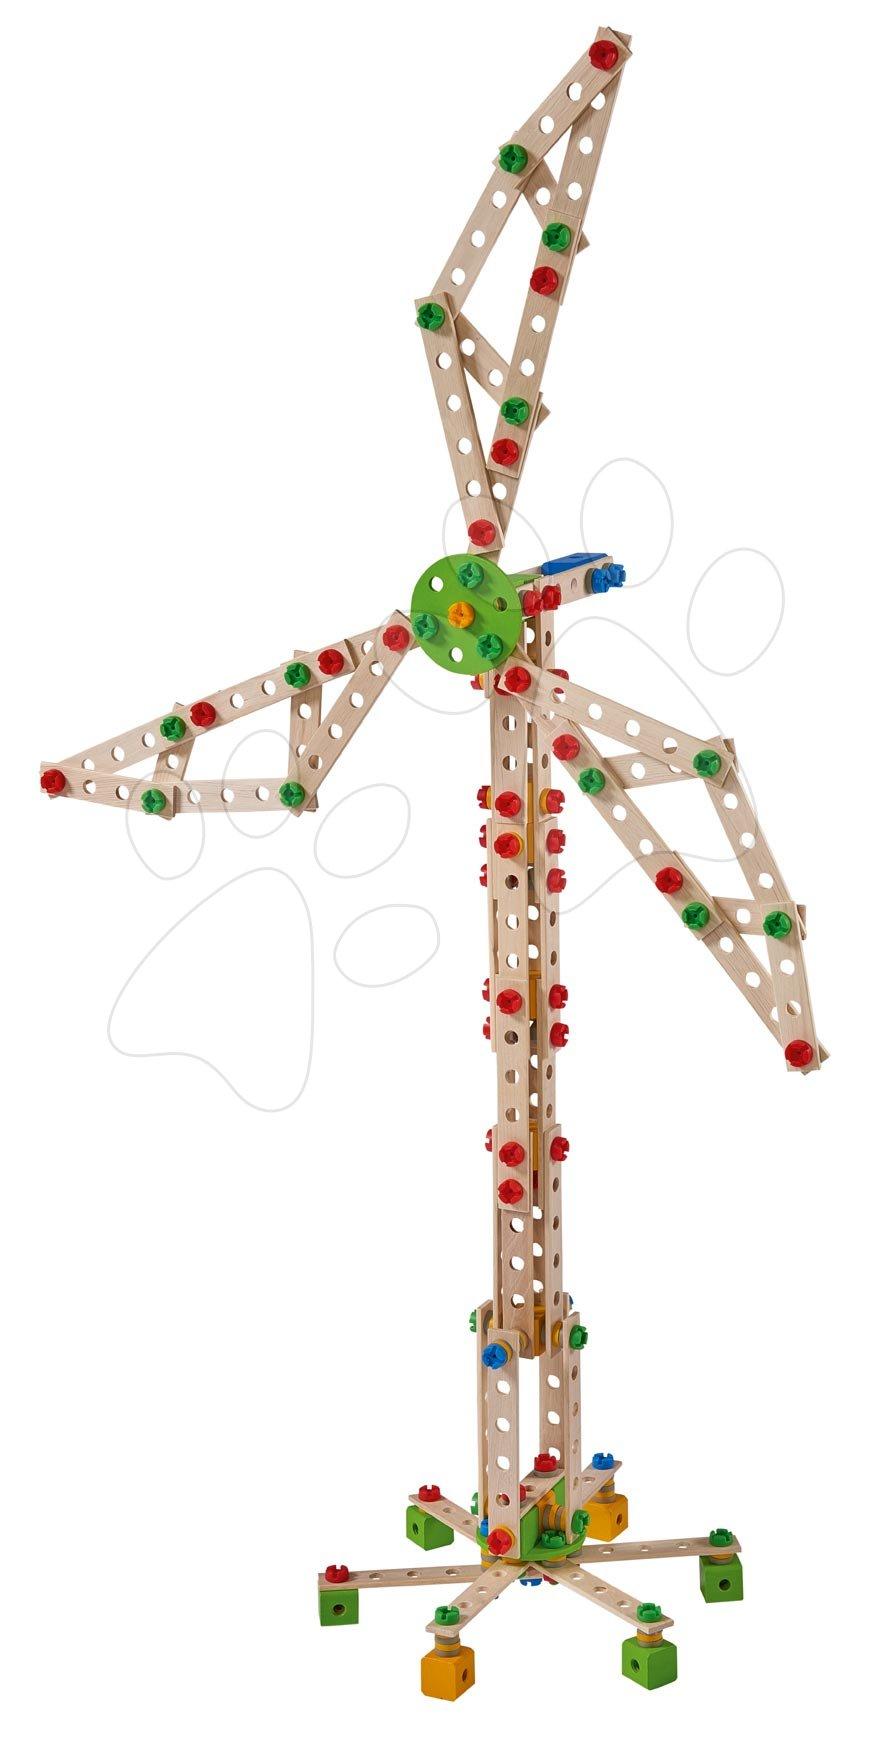 Fa építőjáték szélmalom Constructor Windmill Eichhorn 8 modell(malom, daru, repülőgép, vadászgép, katamaran, autó, híd, konténeres daru) 300 darabos 6 évtől